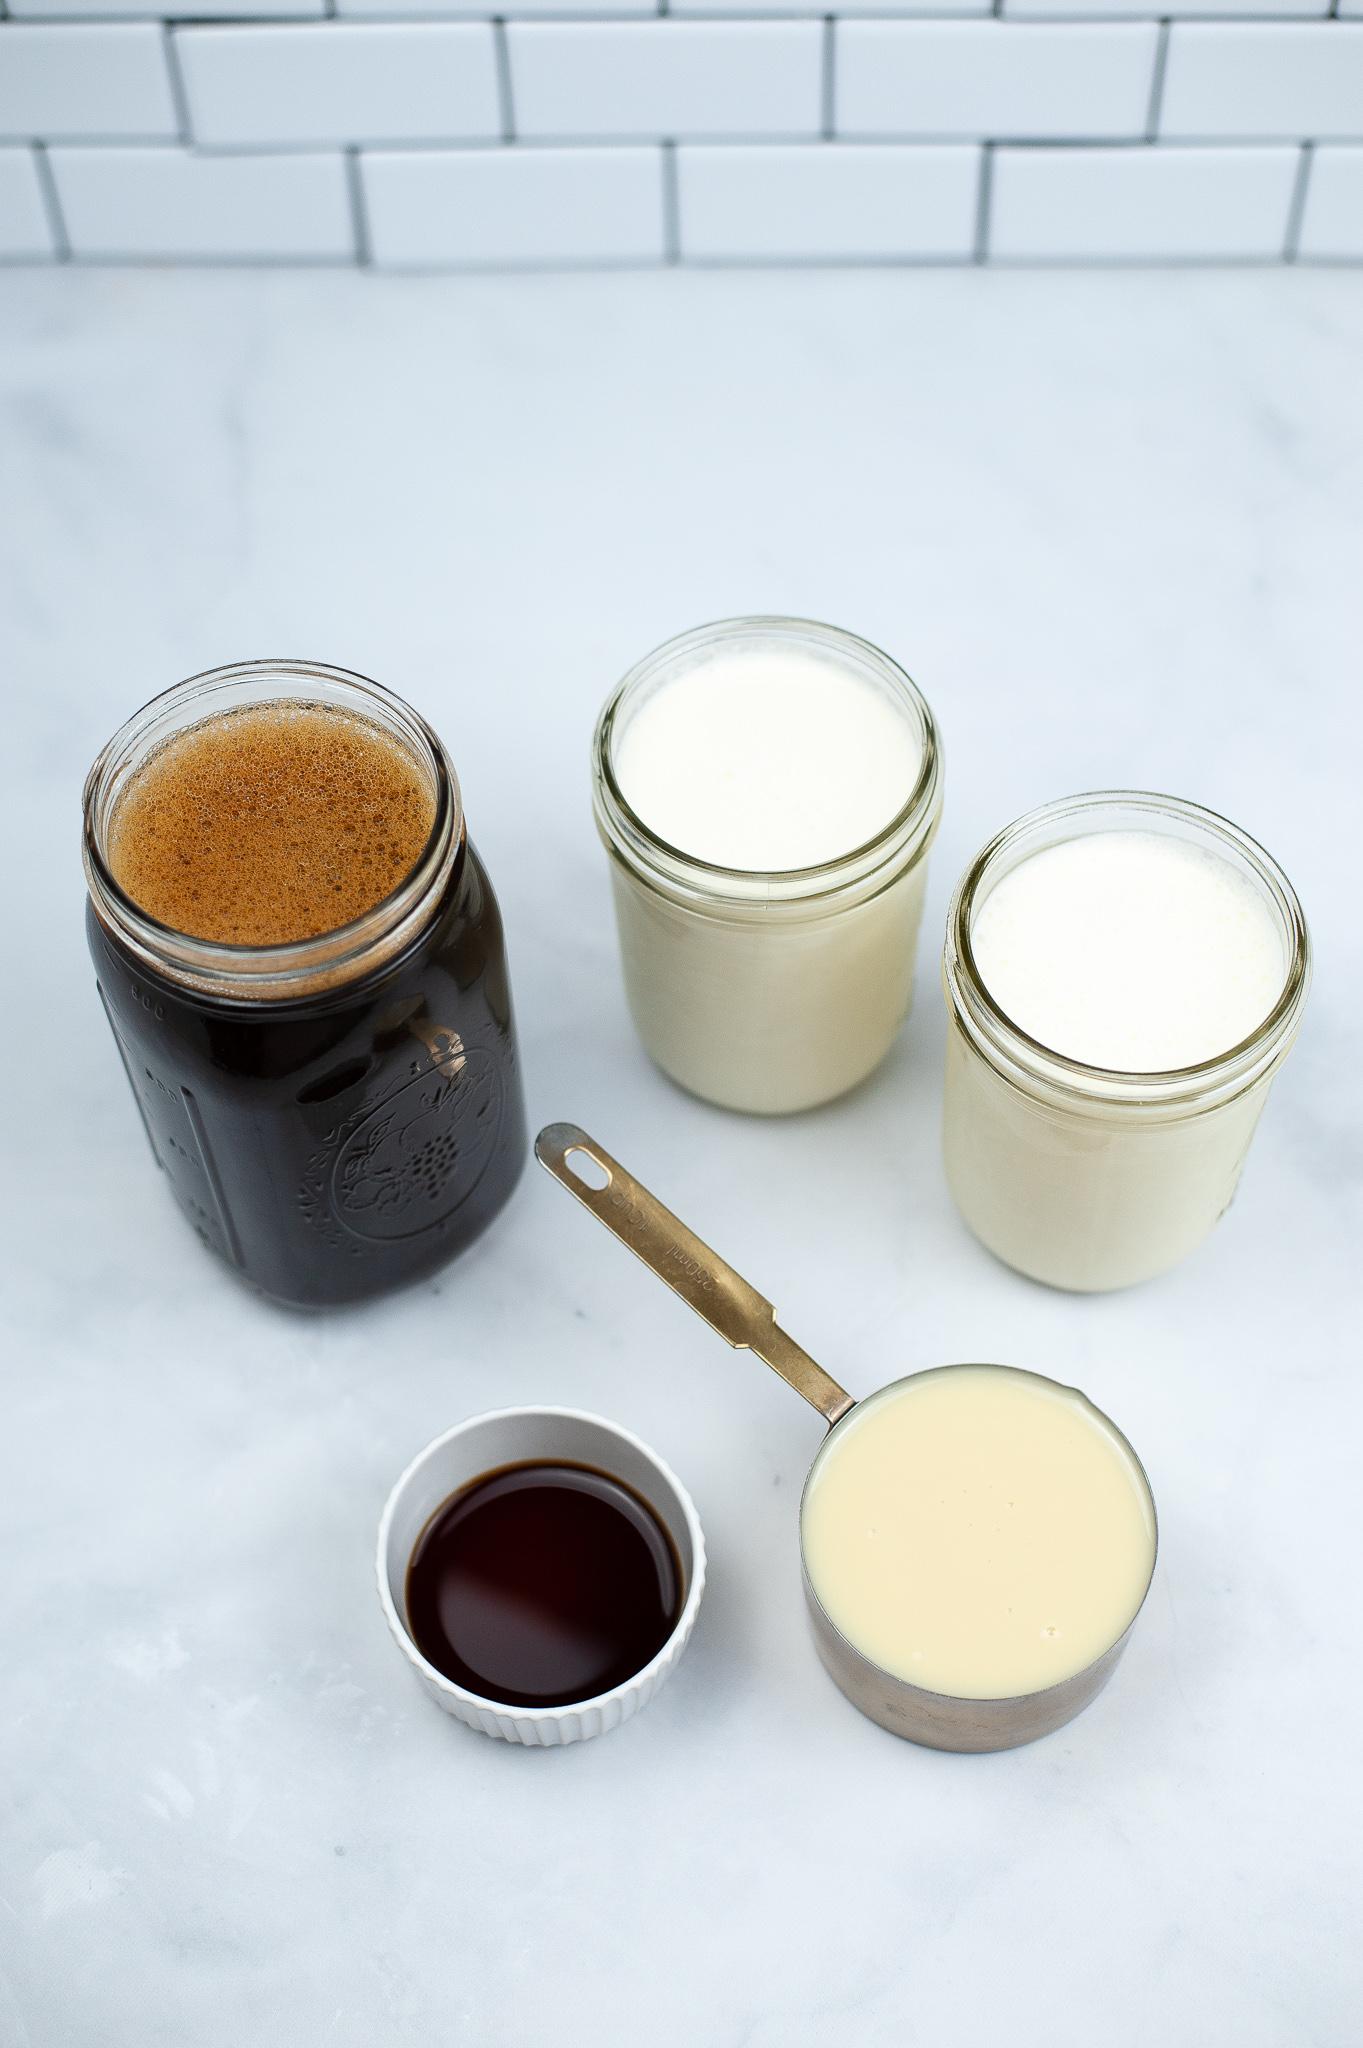 Cold brew coffee vanilla and cream.